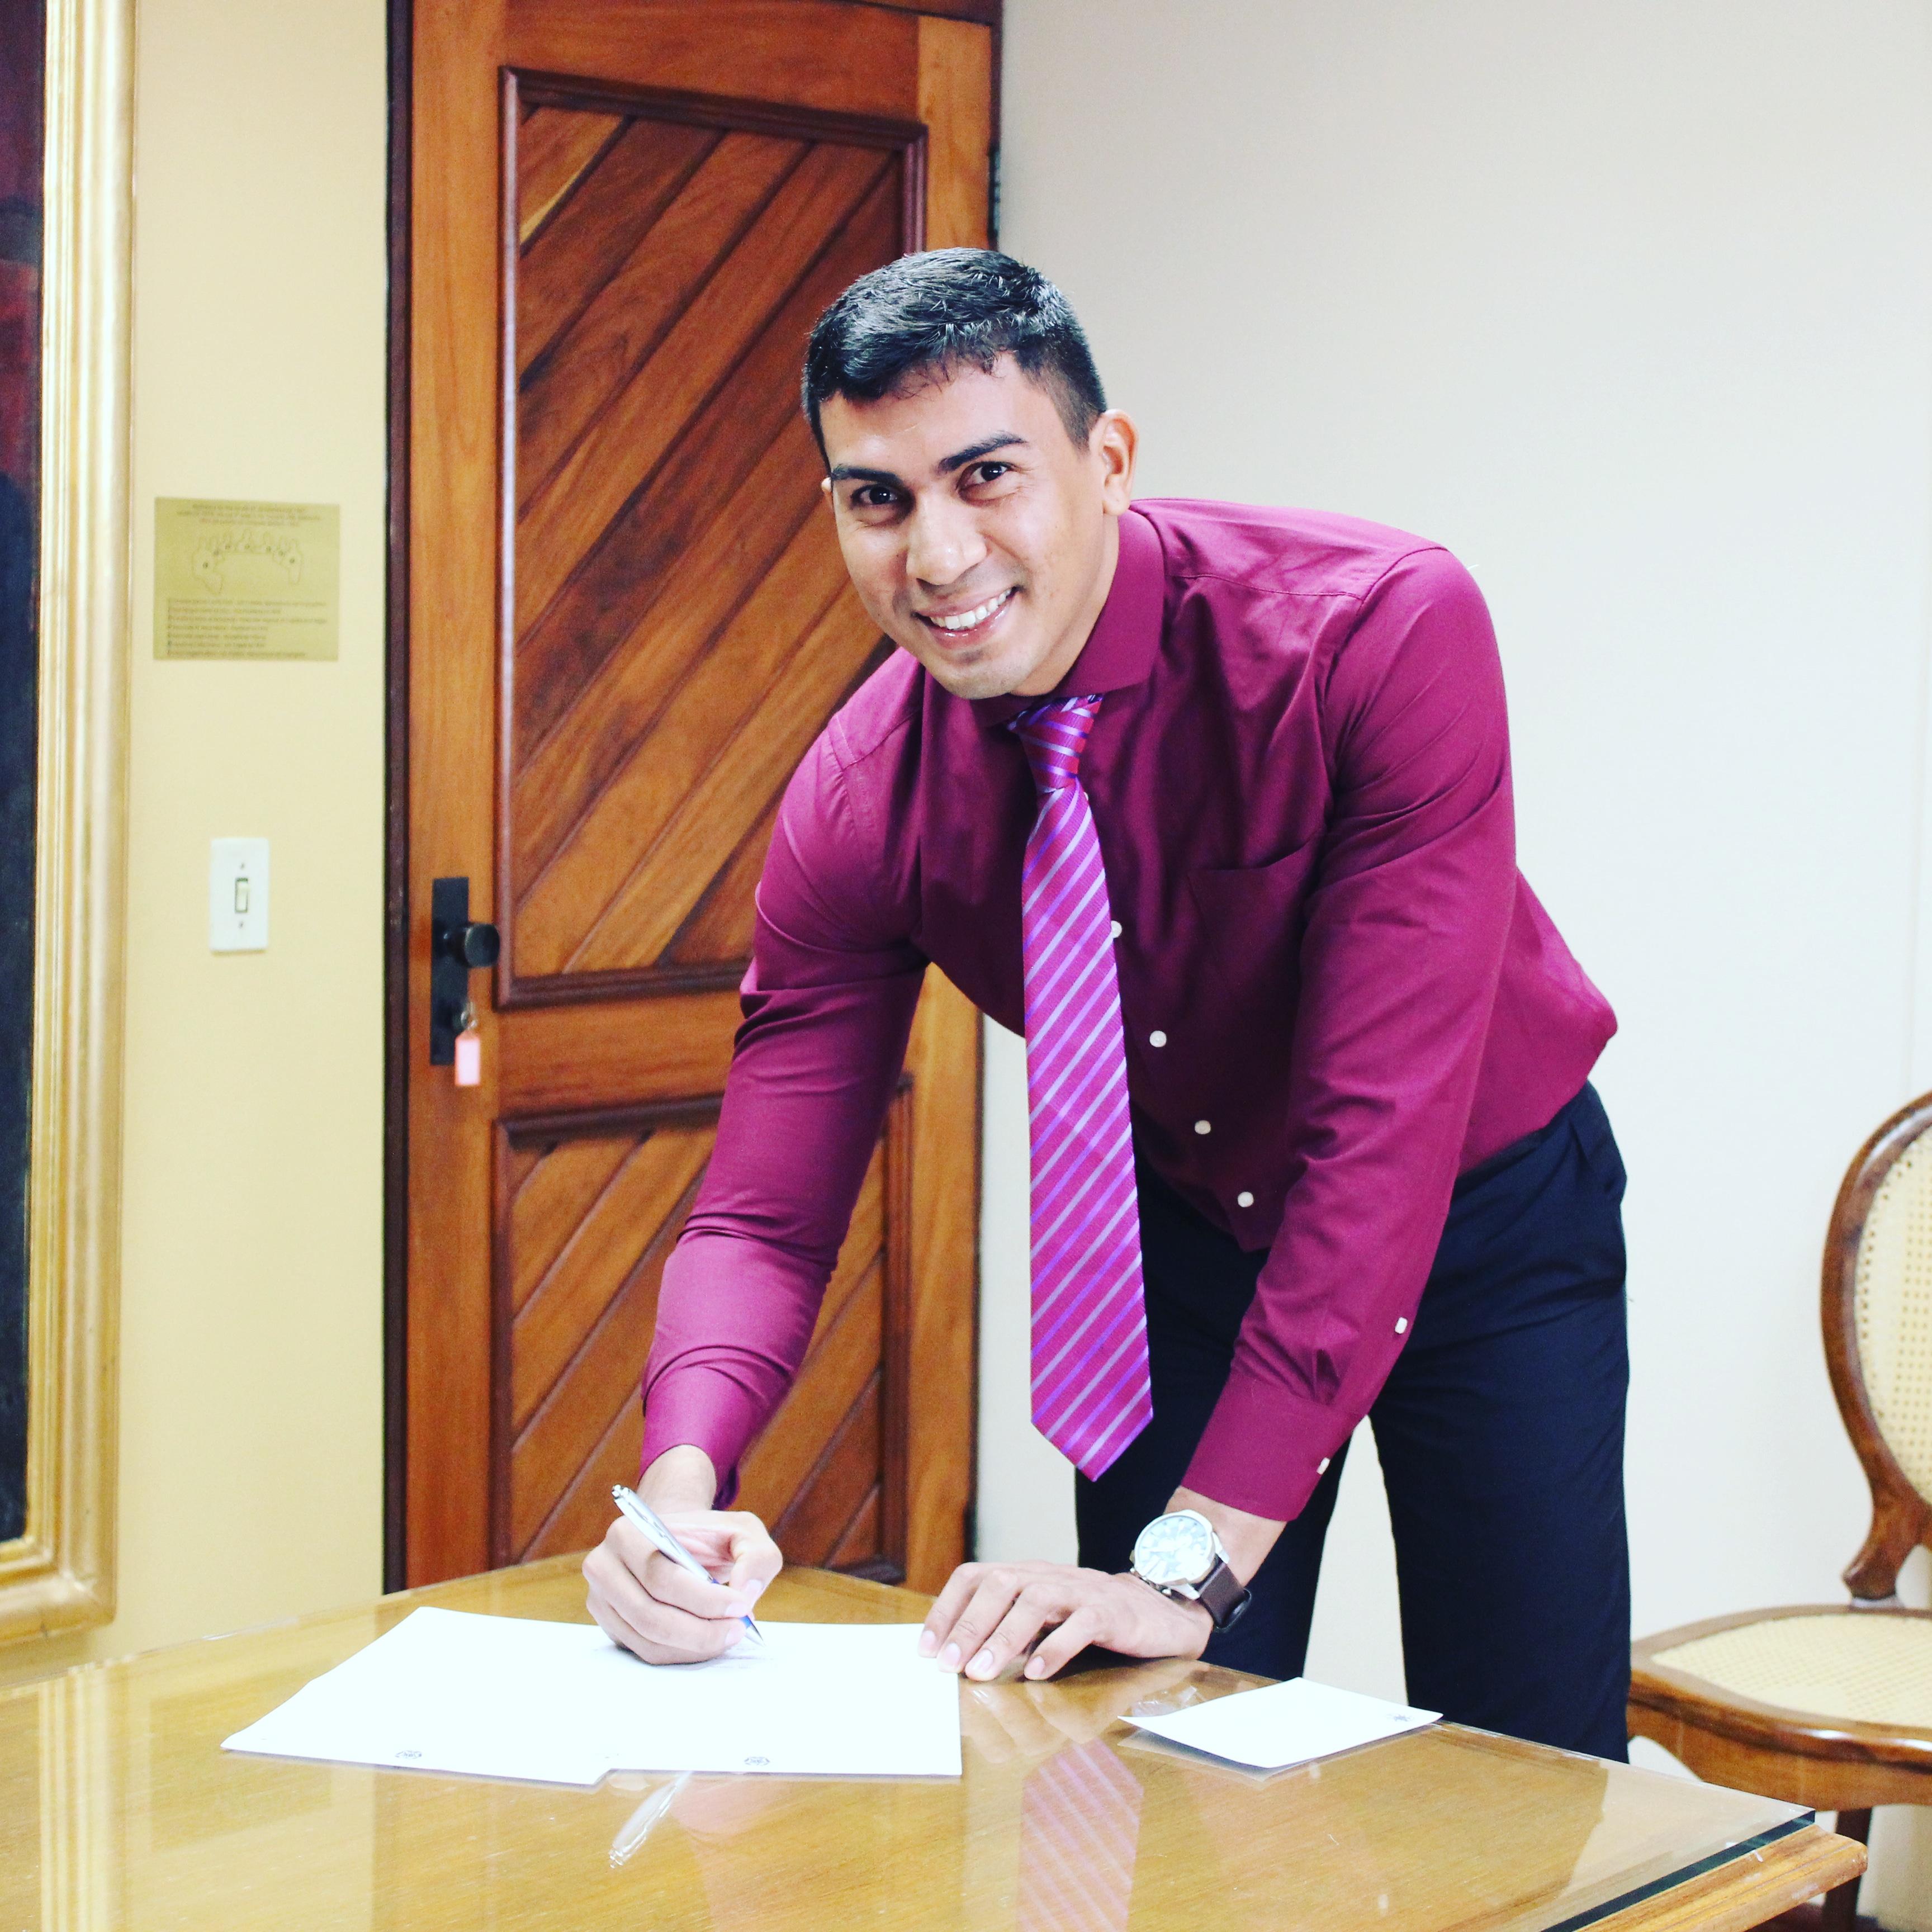 ENTREVISTA: Maurício Silva - Aprovado no concurso TRF 1 em 2° lugar para o cargo AJAA